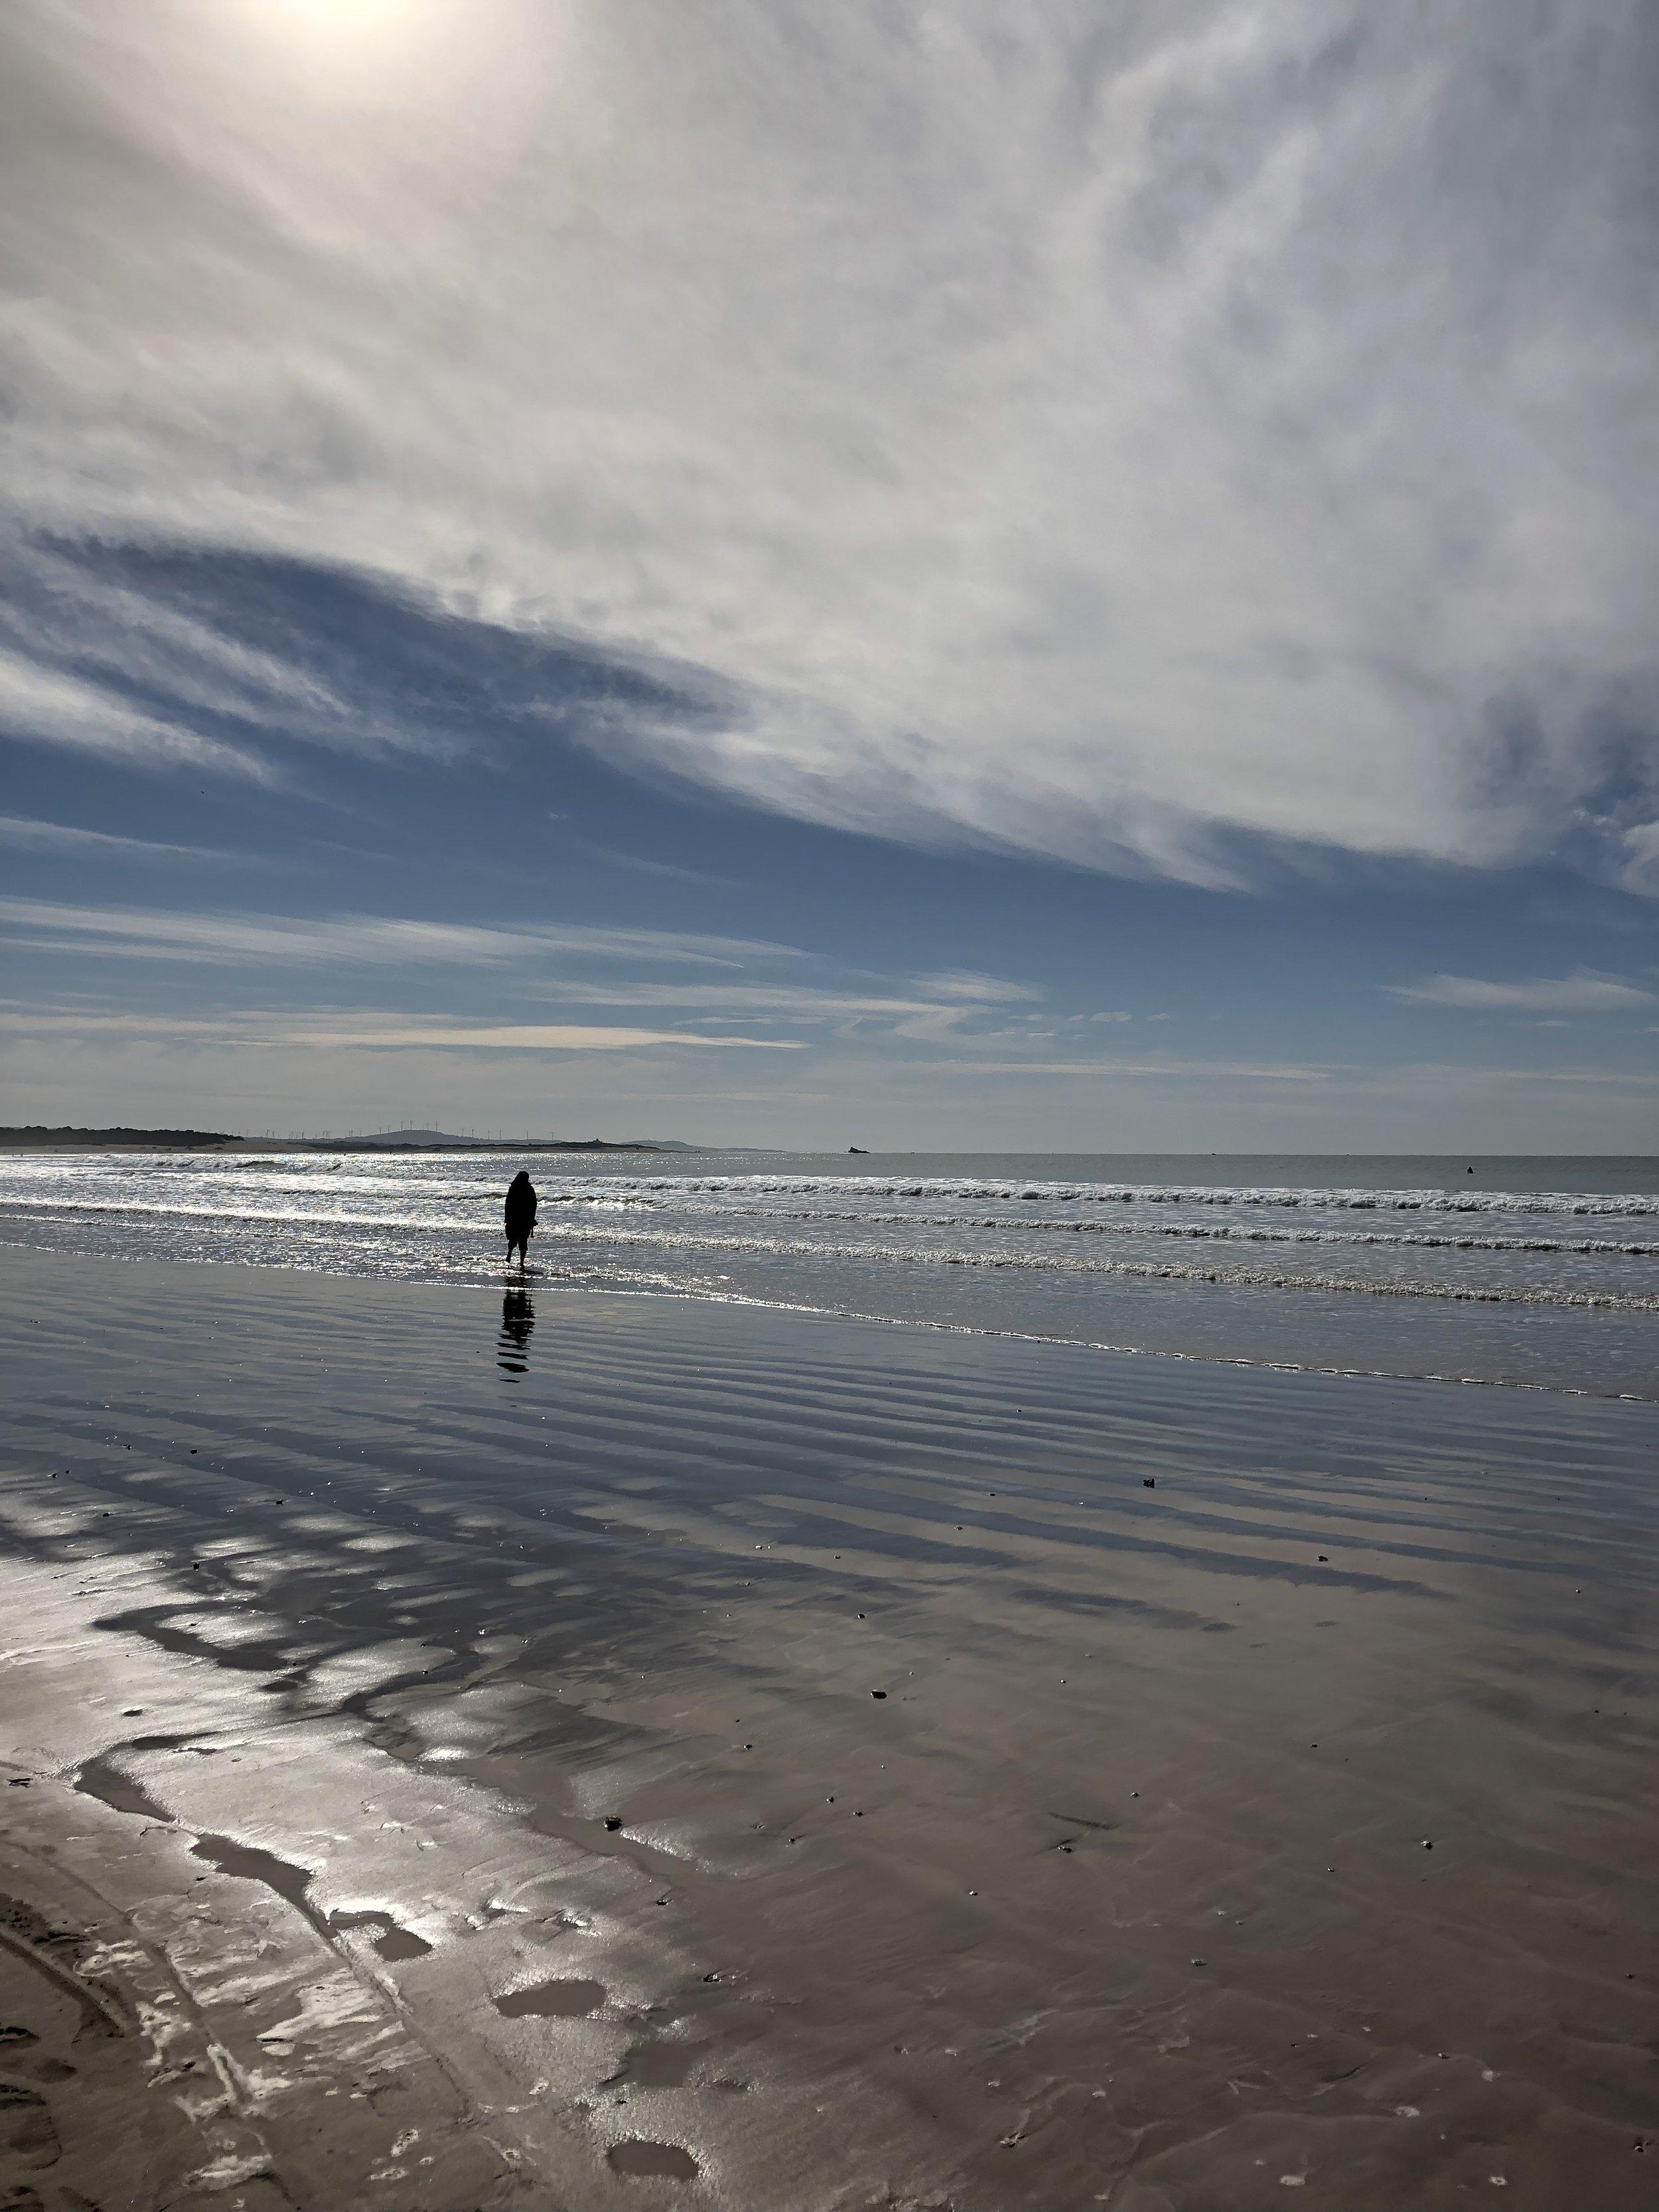 裸足になり海辺を歩くモロッコ人の女性。